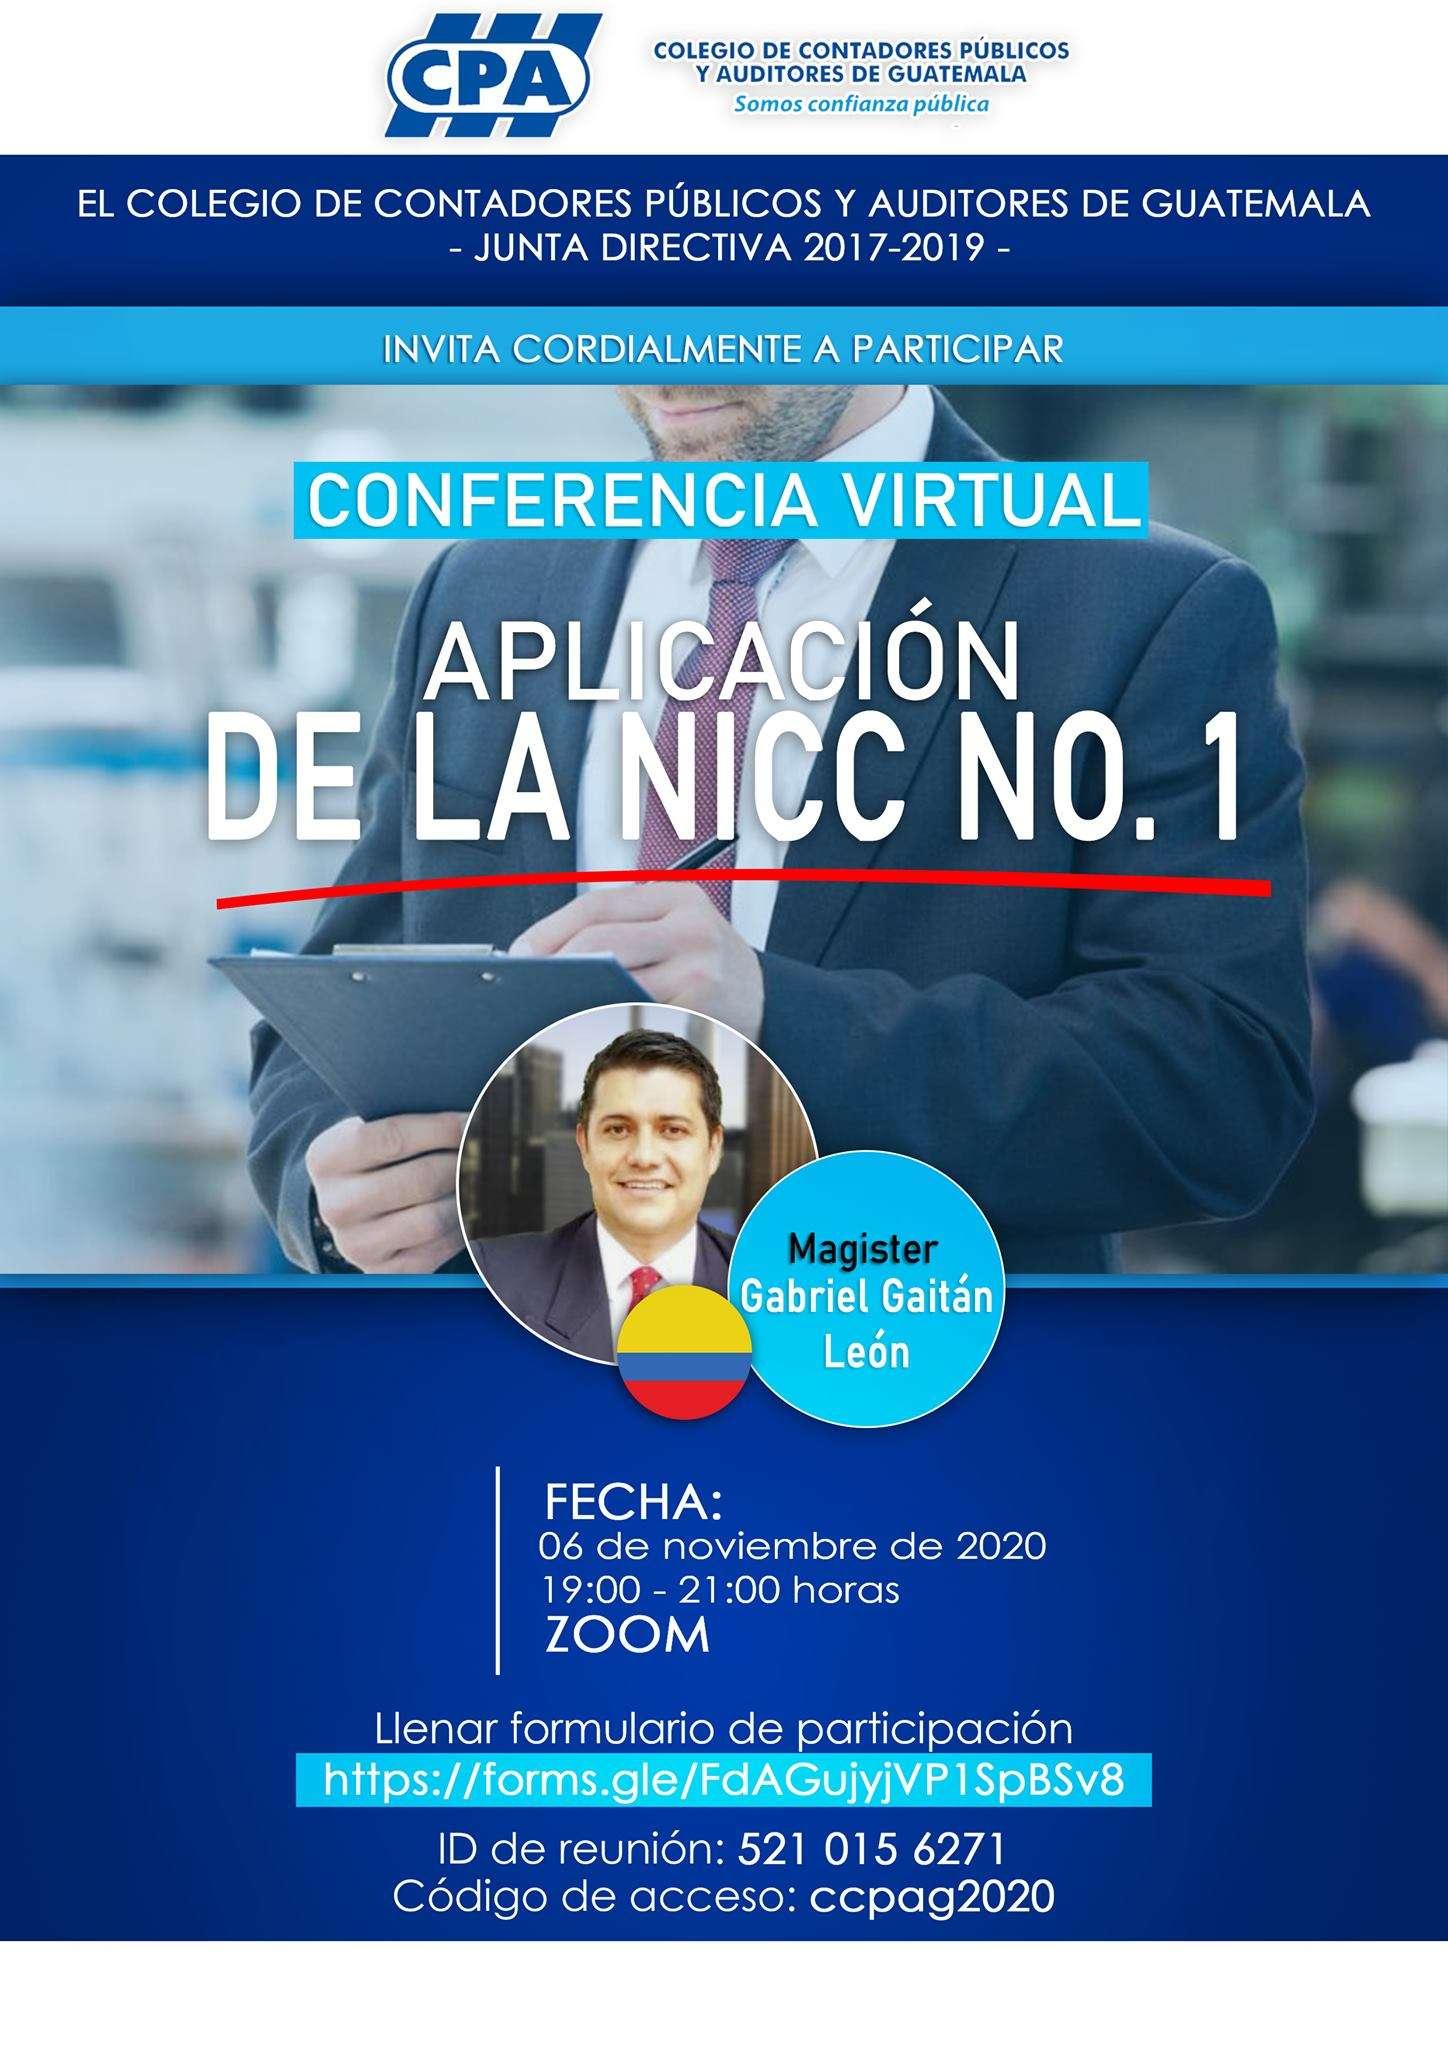 APLICACION DE LA NICC NO.1 06112020